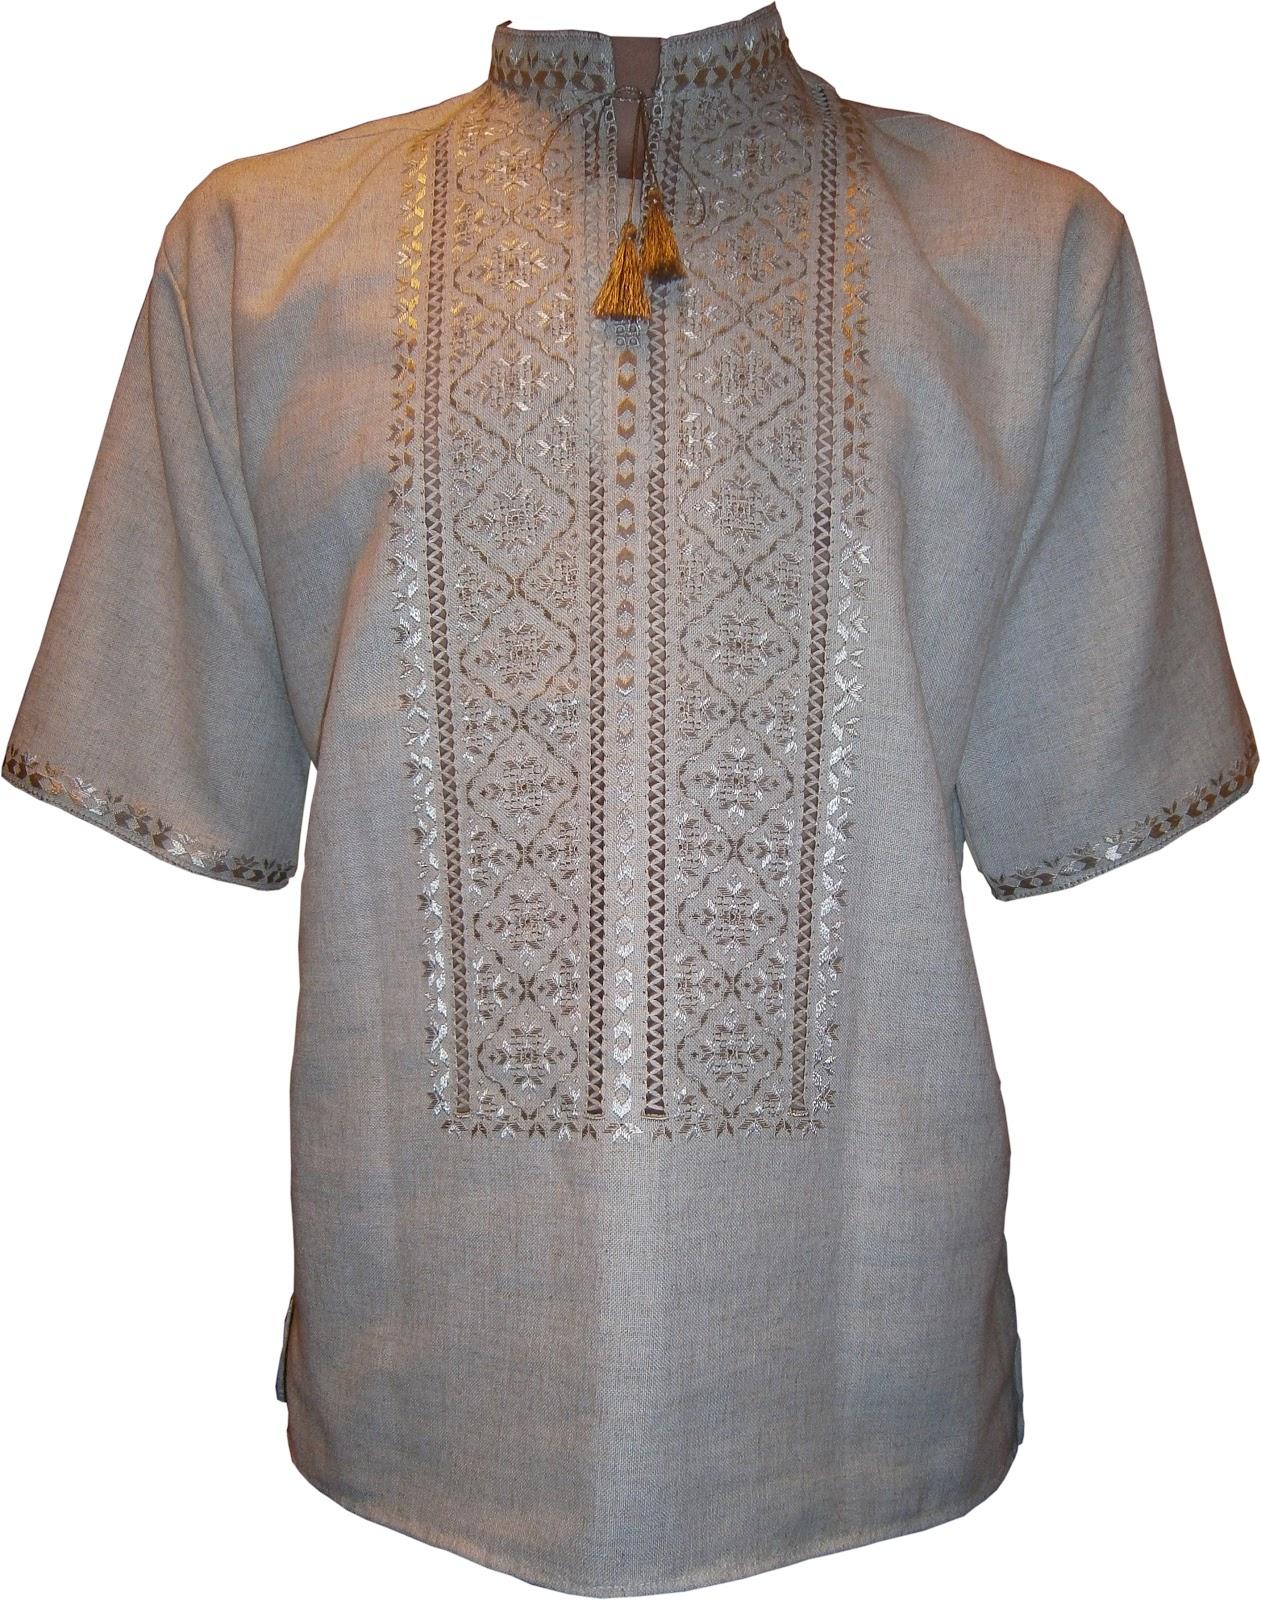 Вишиванка - Інтернет-магазин вишиванок  Вишиванка c18cafee9b444